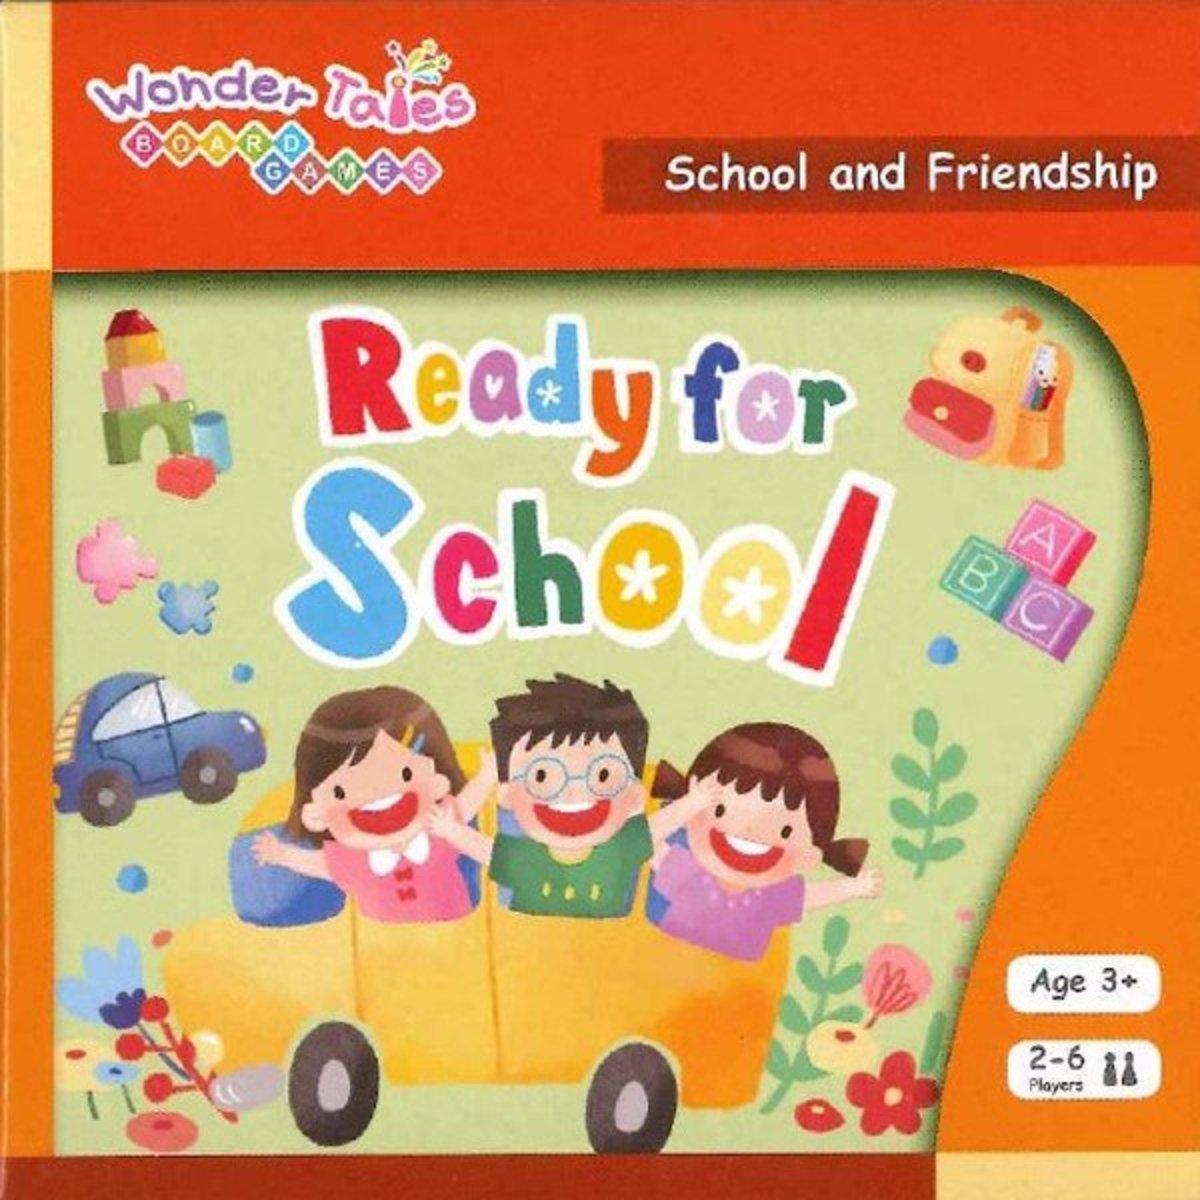 Wonder Tales Board Games 英語桌遊—Ready for School